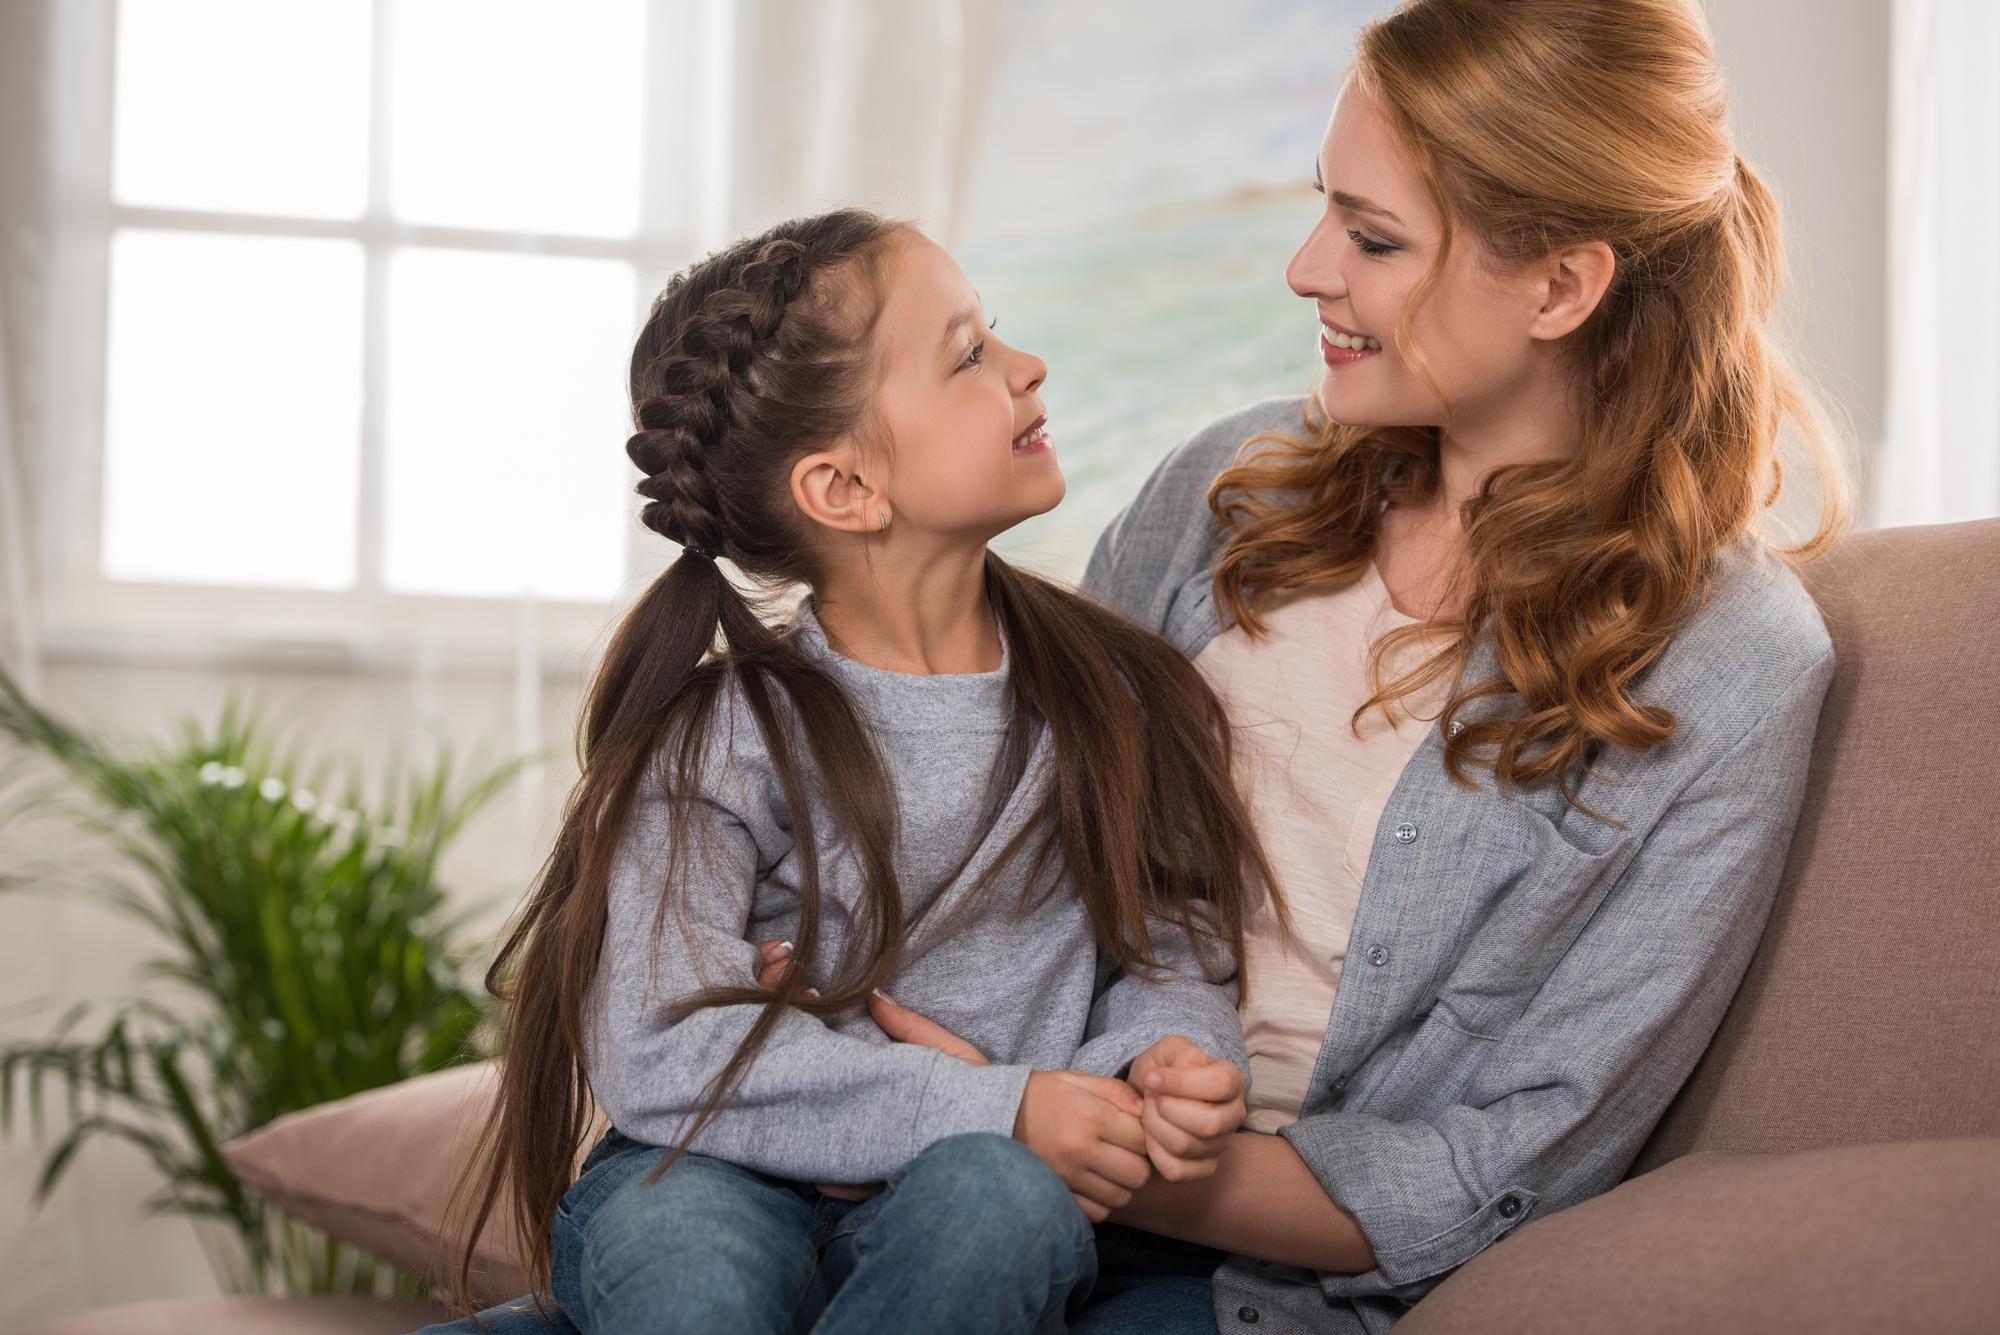 Pričanje o teškim temama sa djecom: Kako obaviti ovu roditeljsku dužnost?